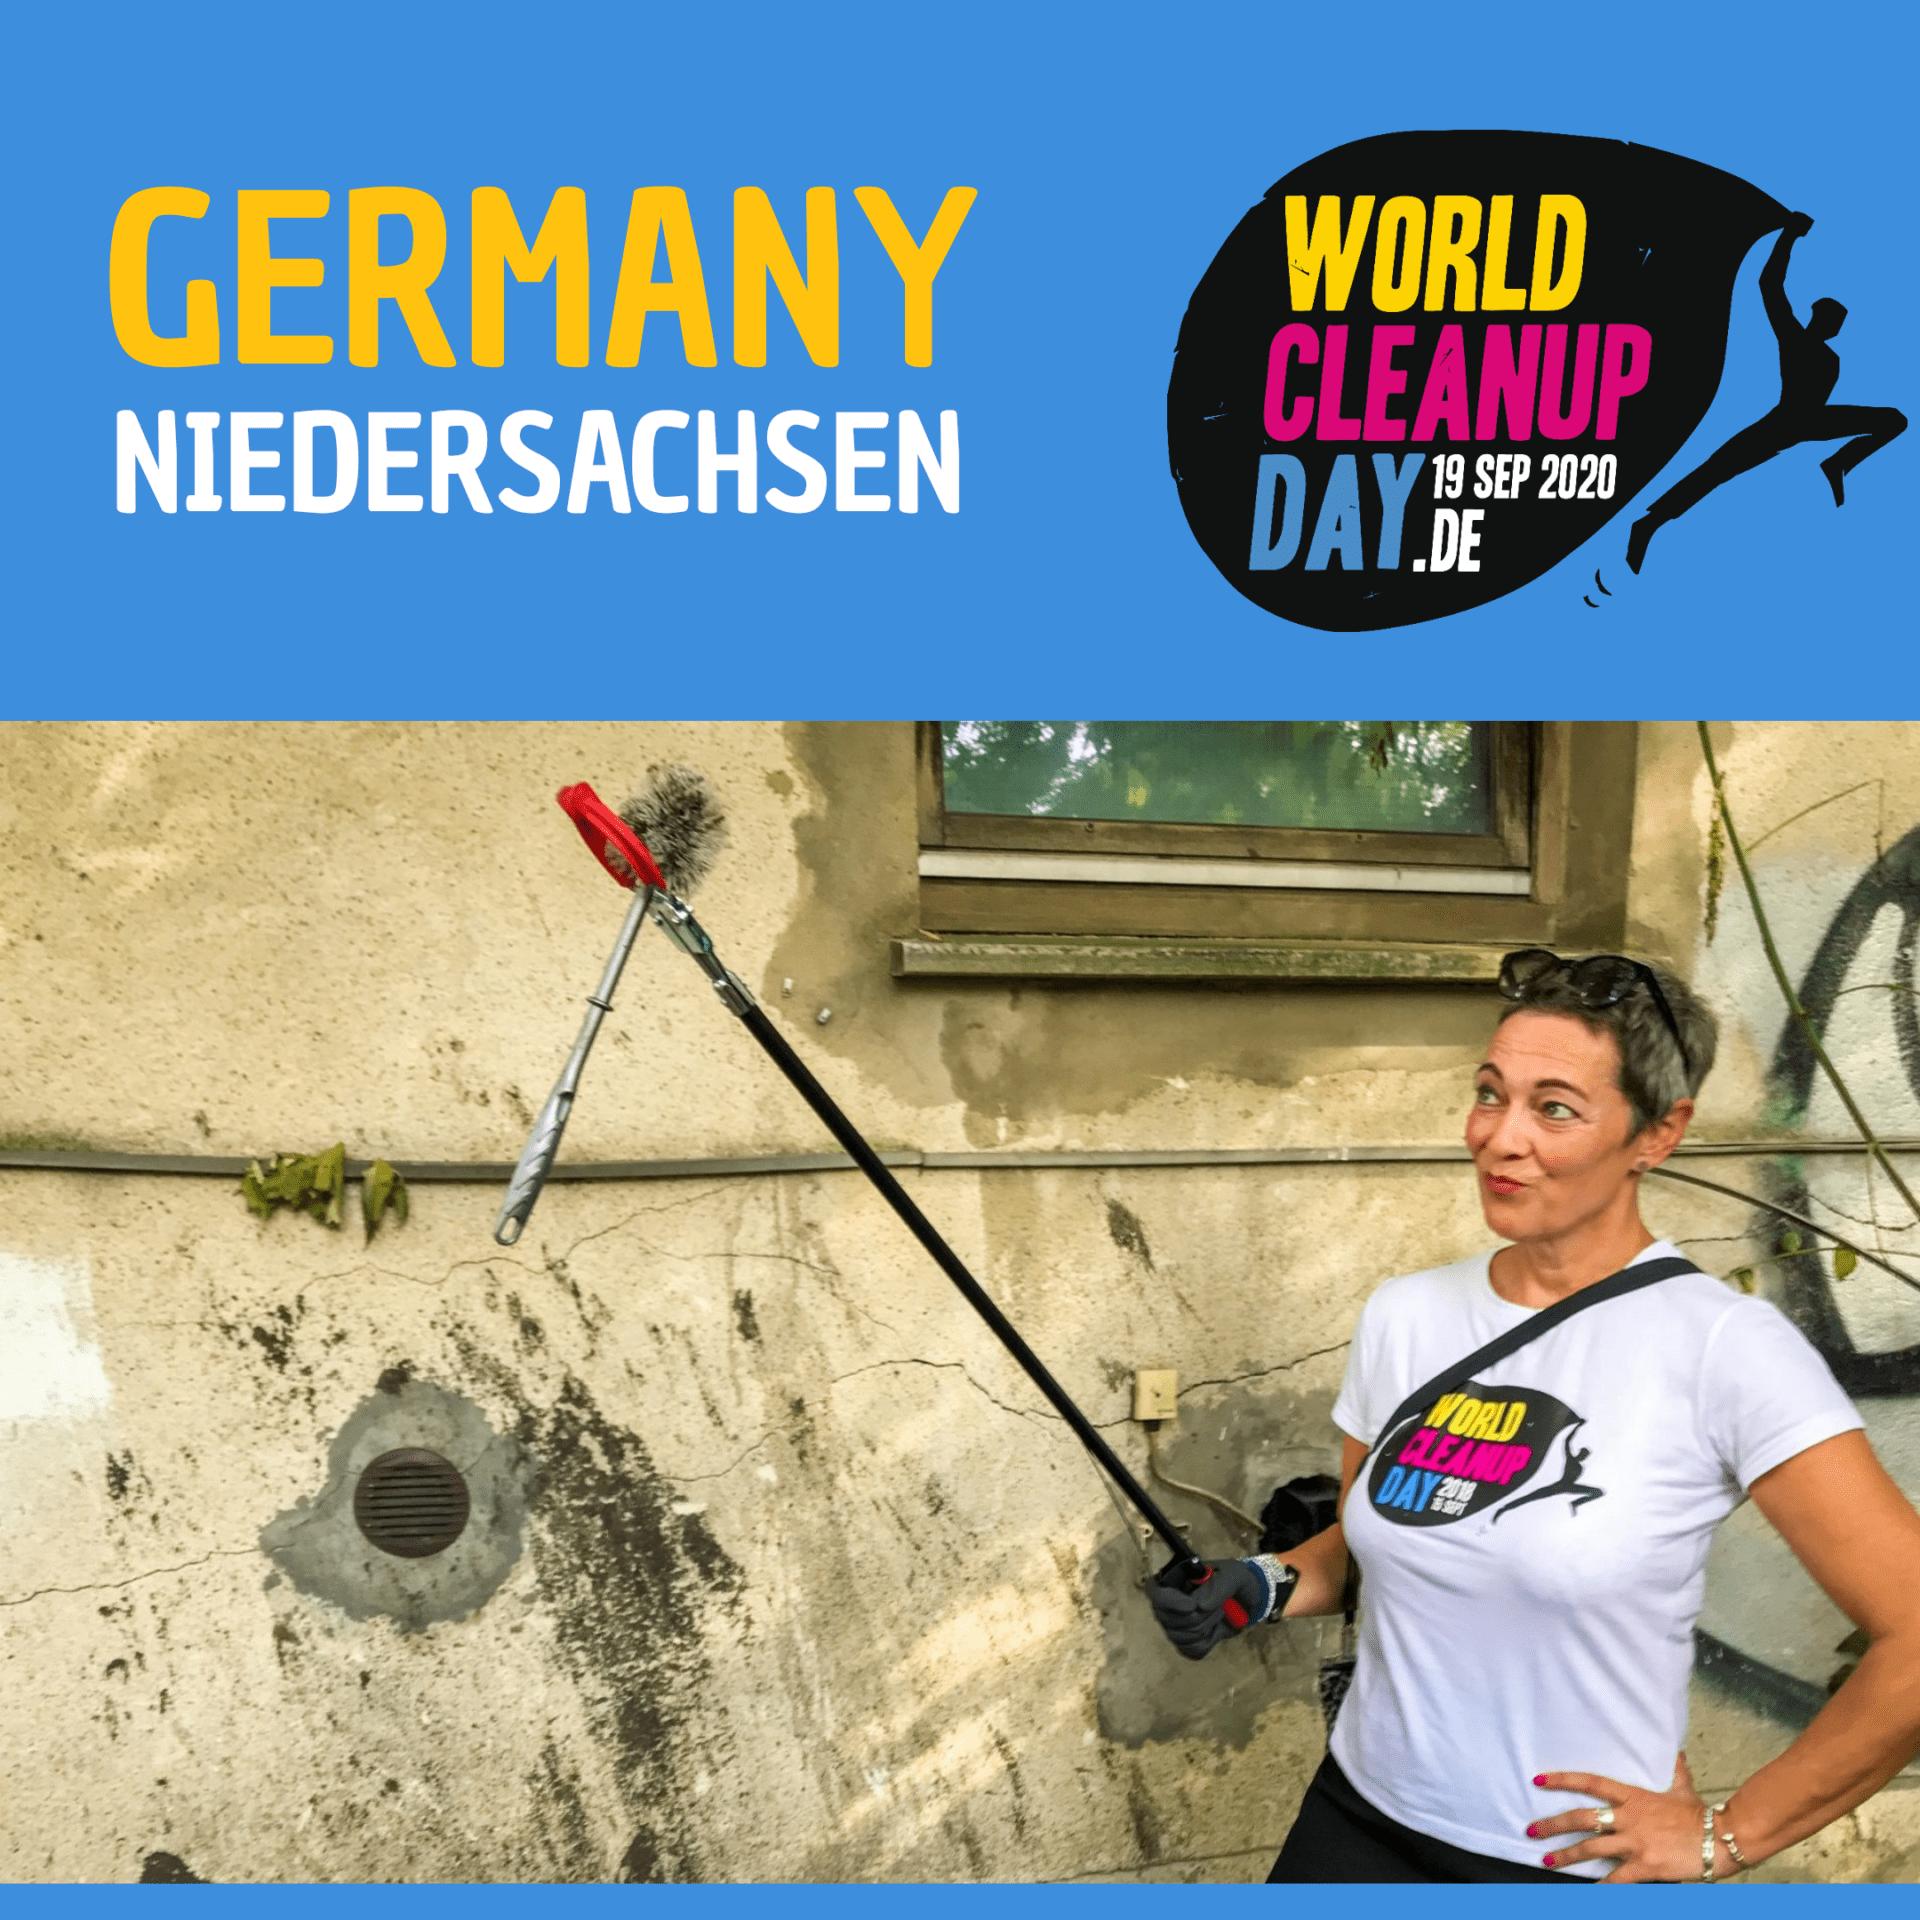 Cleanup-Aktion Buchholz / Nordheide (Niedersachsen)